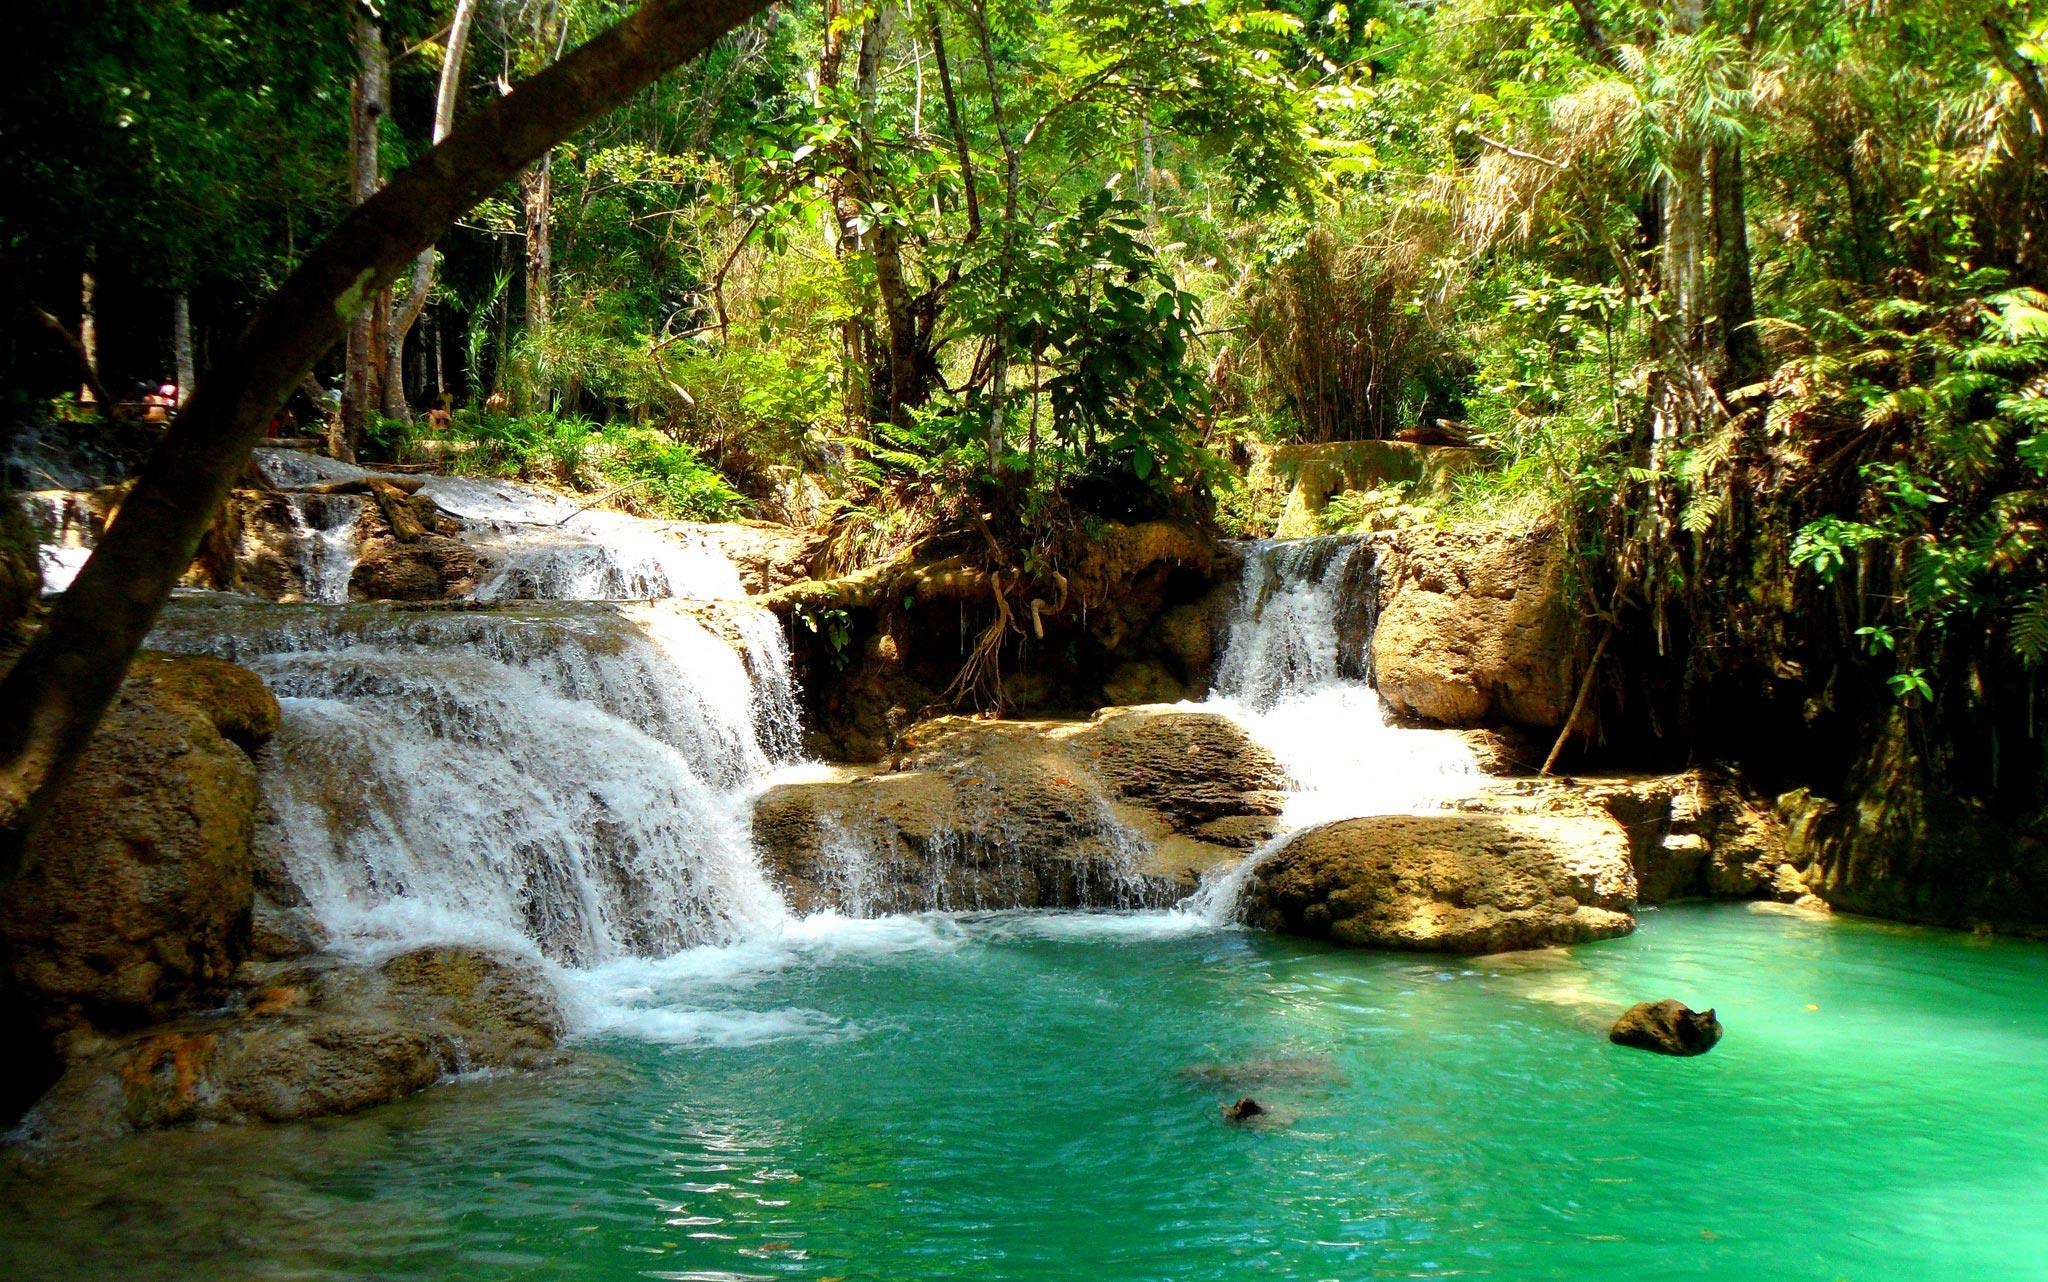 De 10 mooiste natuurlijke zwembaden in de wereld